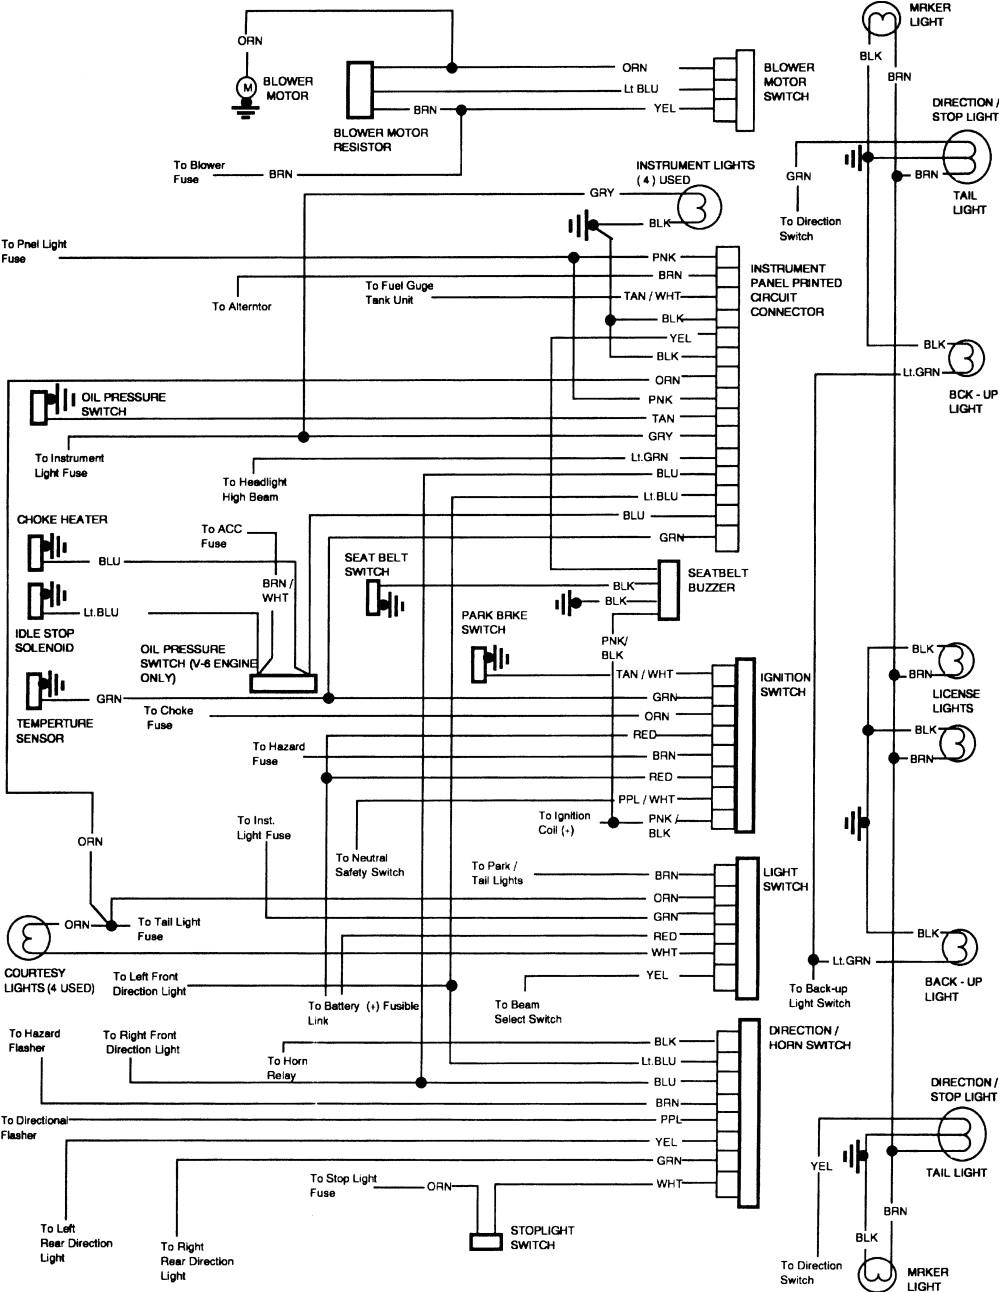 1983 chevrolet radio wiring schema diagram database 85 c10 stereo wiring diagram 85 c10 radio wiring diagram